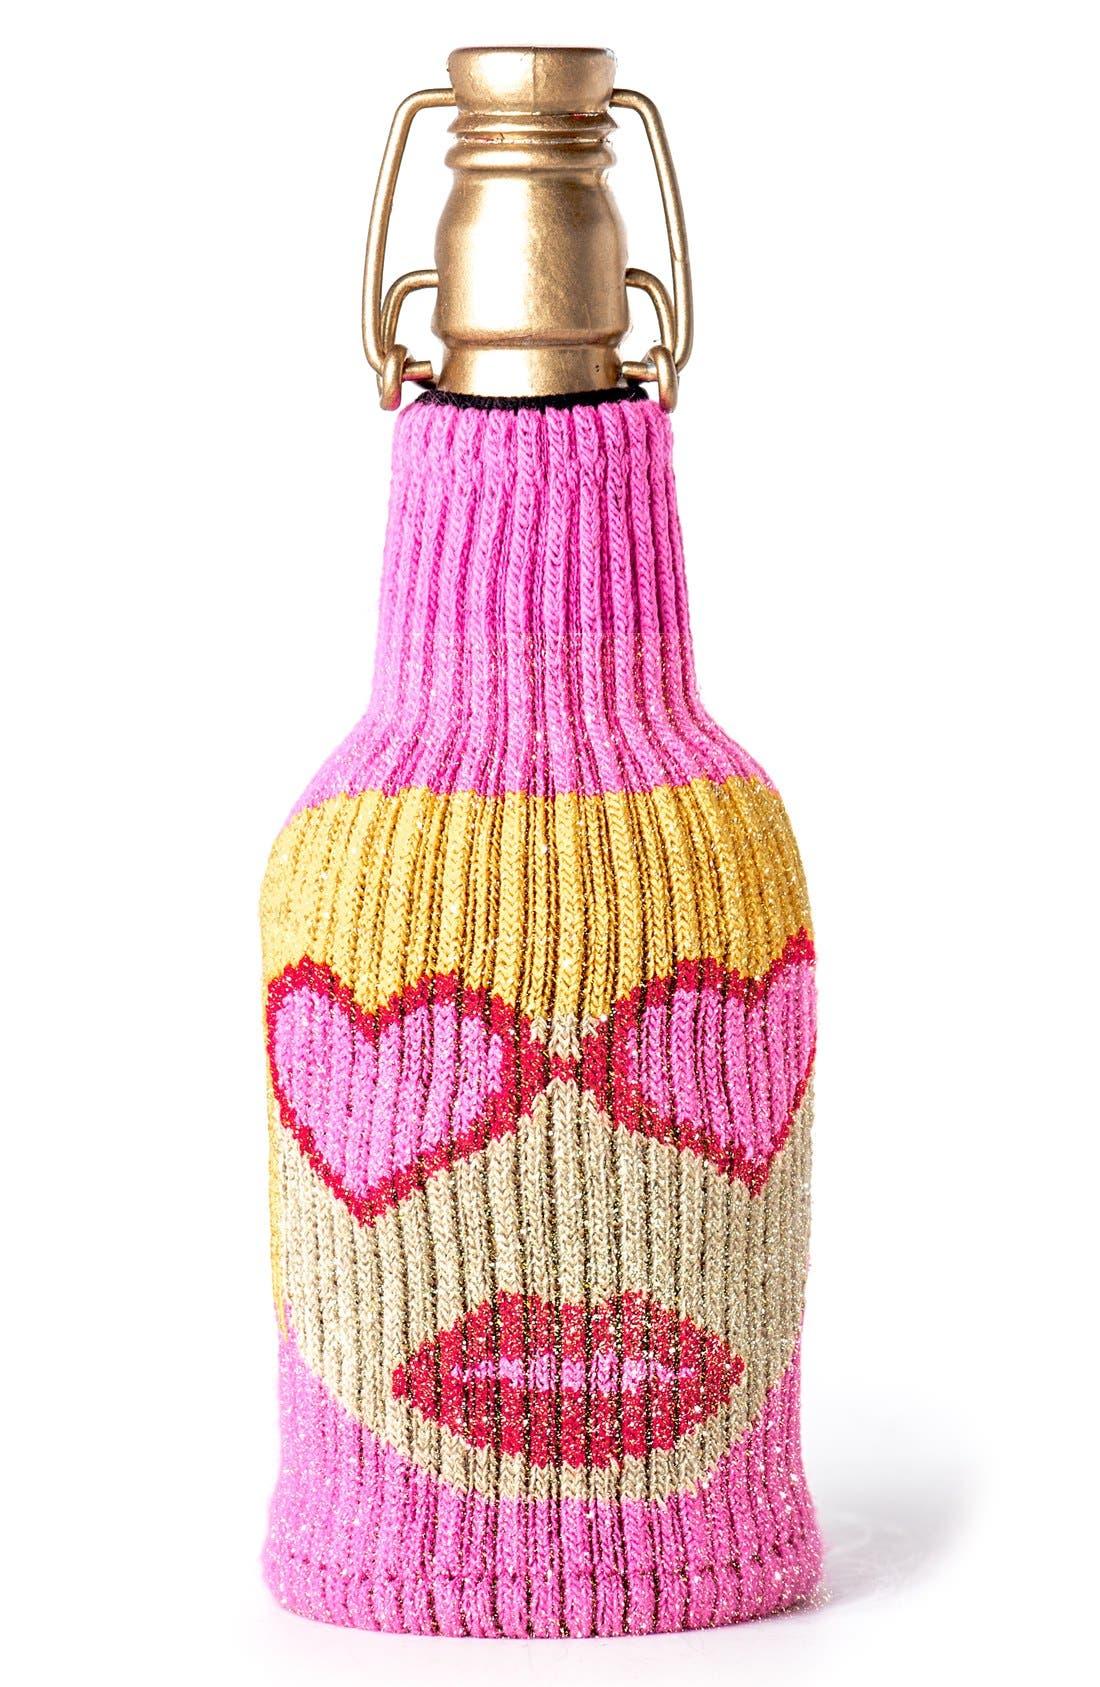 Main Image - Freaker 'Doll Face' Bottle Insulator